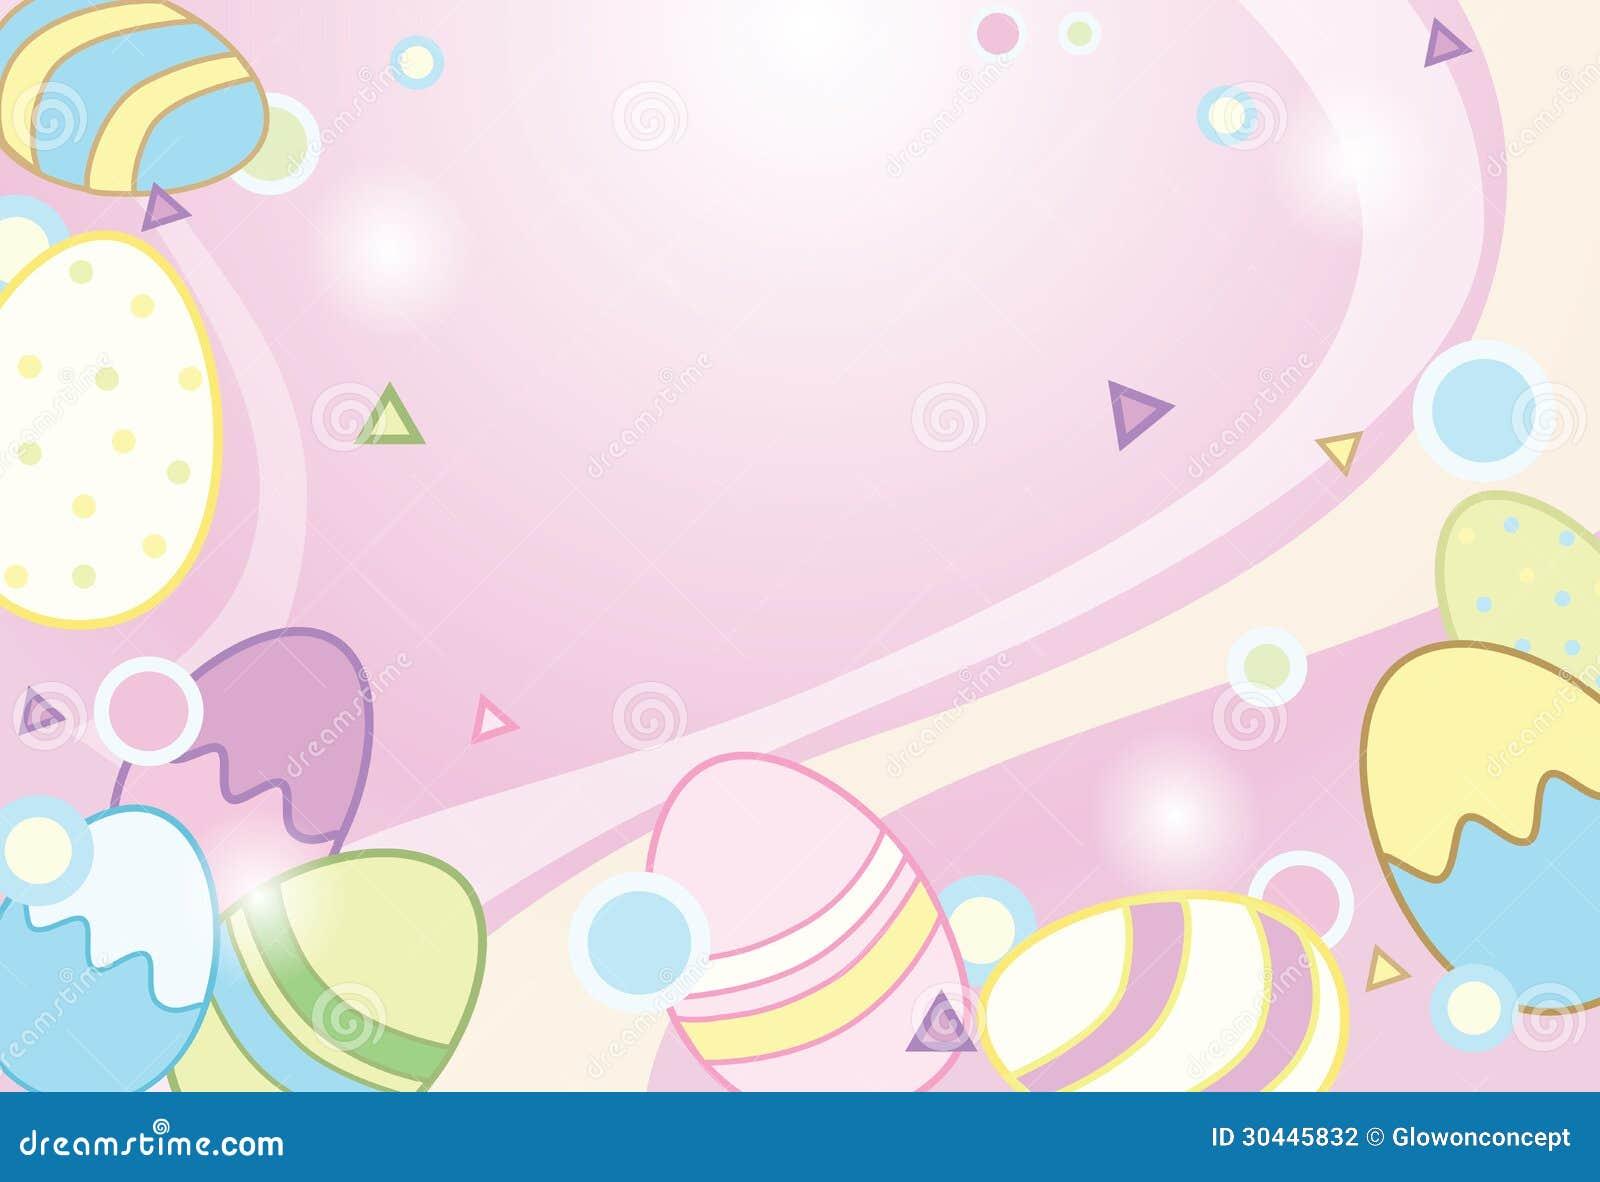 Easter Eggs Background Illustration Stock Illustration